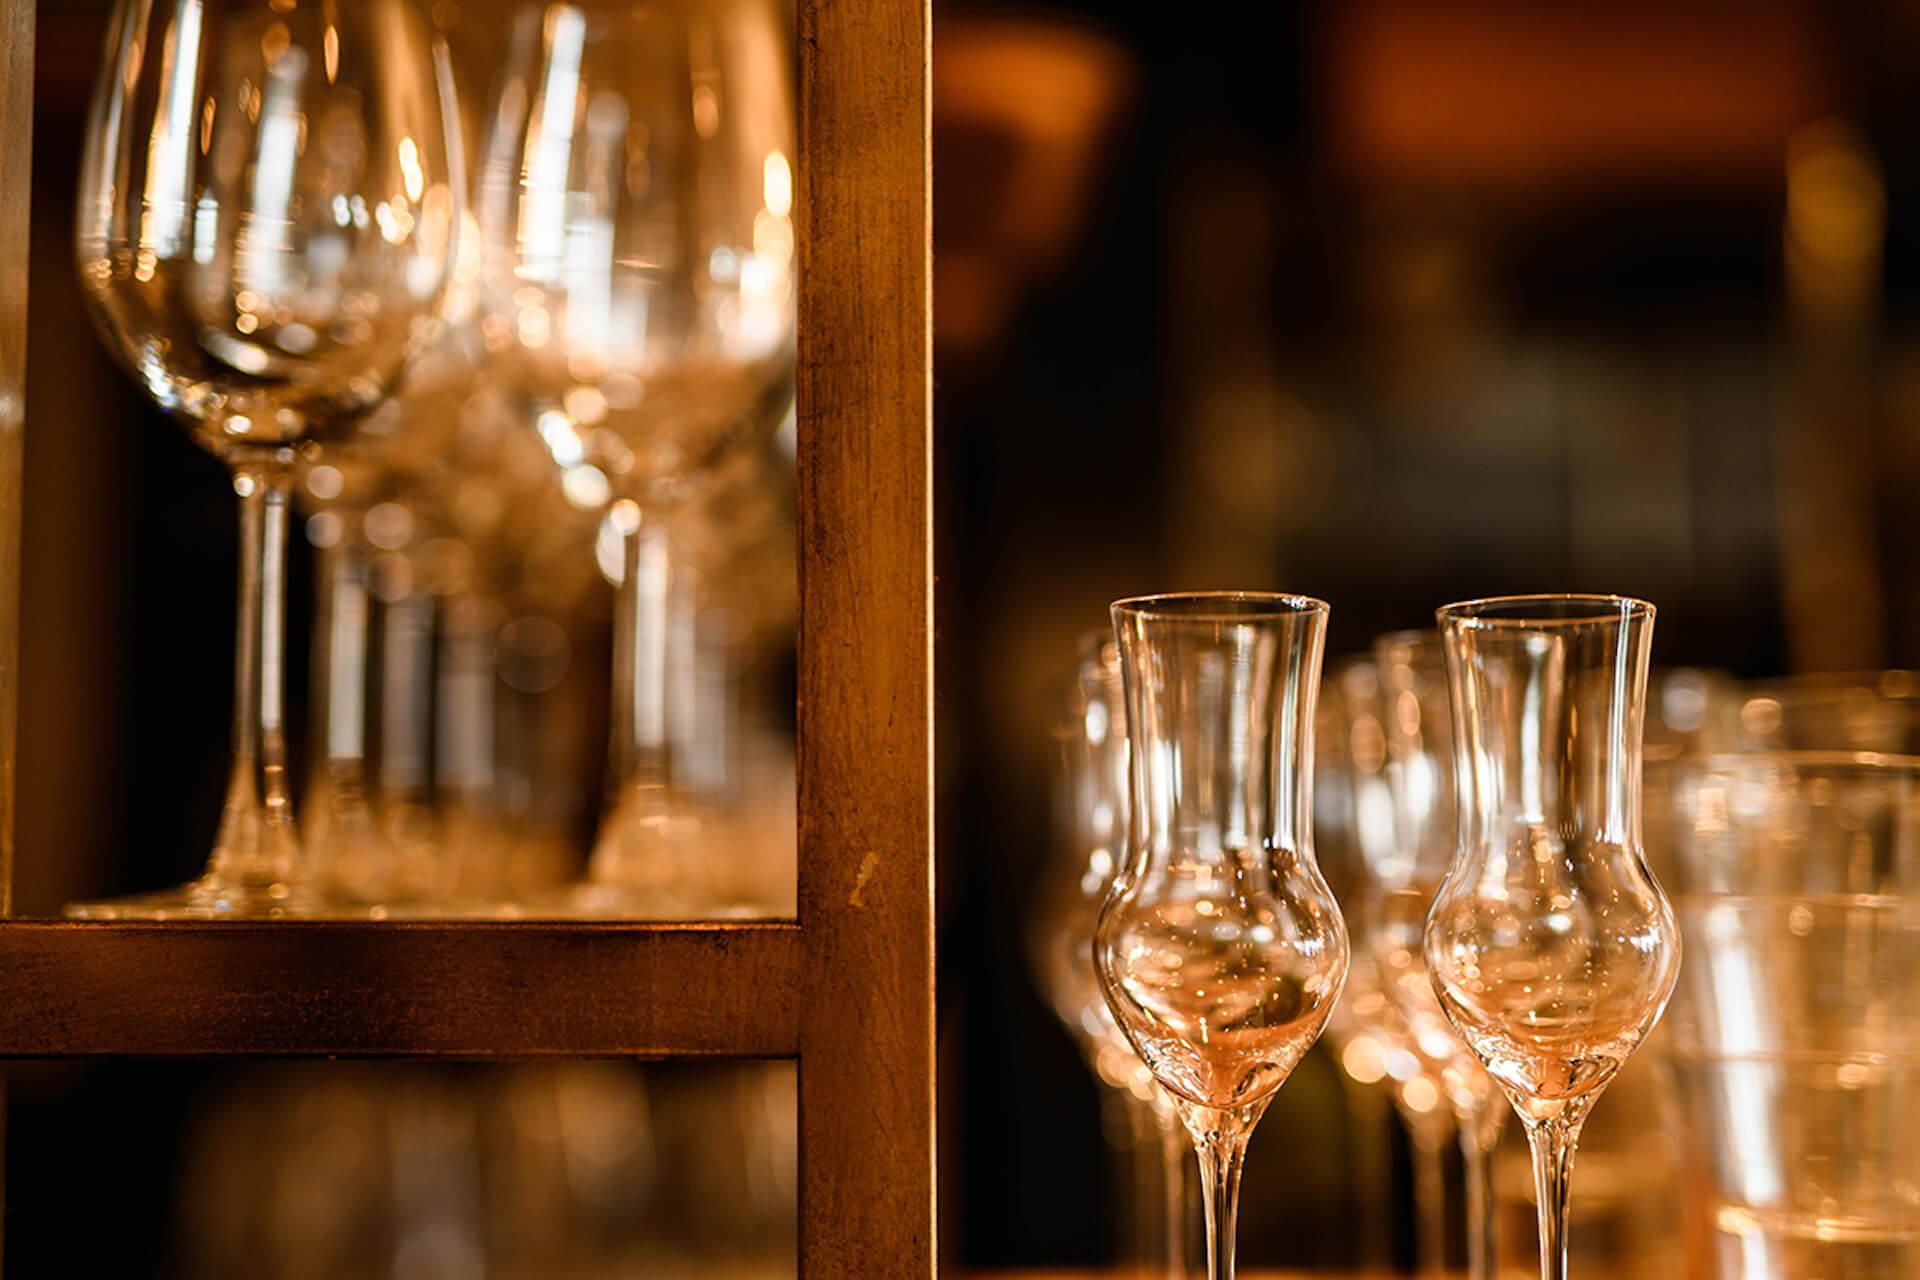 代々木上原の人気レストラン『sio』のオーナーシェフ鳥羽周作氏が語る、料理業界にかける熱い思い gourmet201119_mondoalfa_sio_4